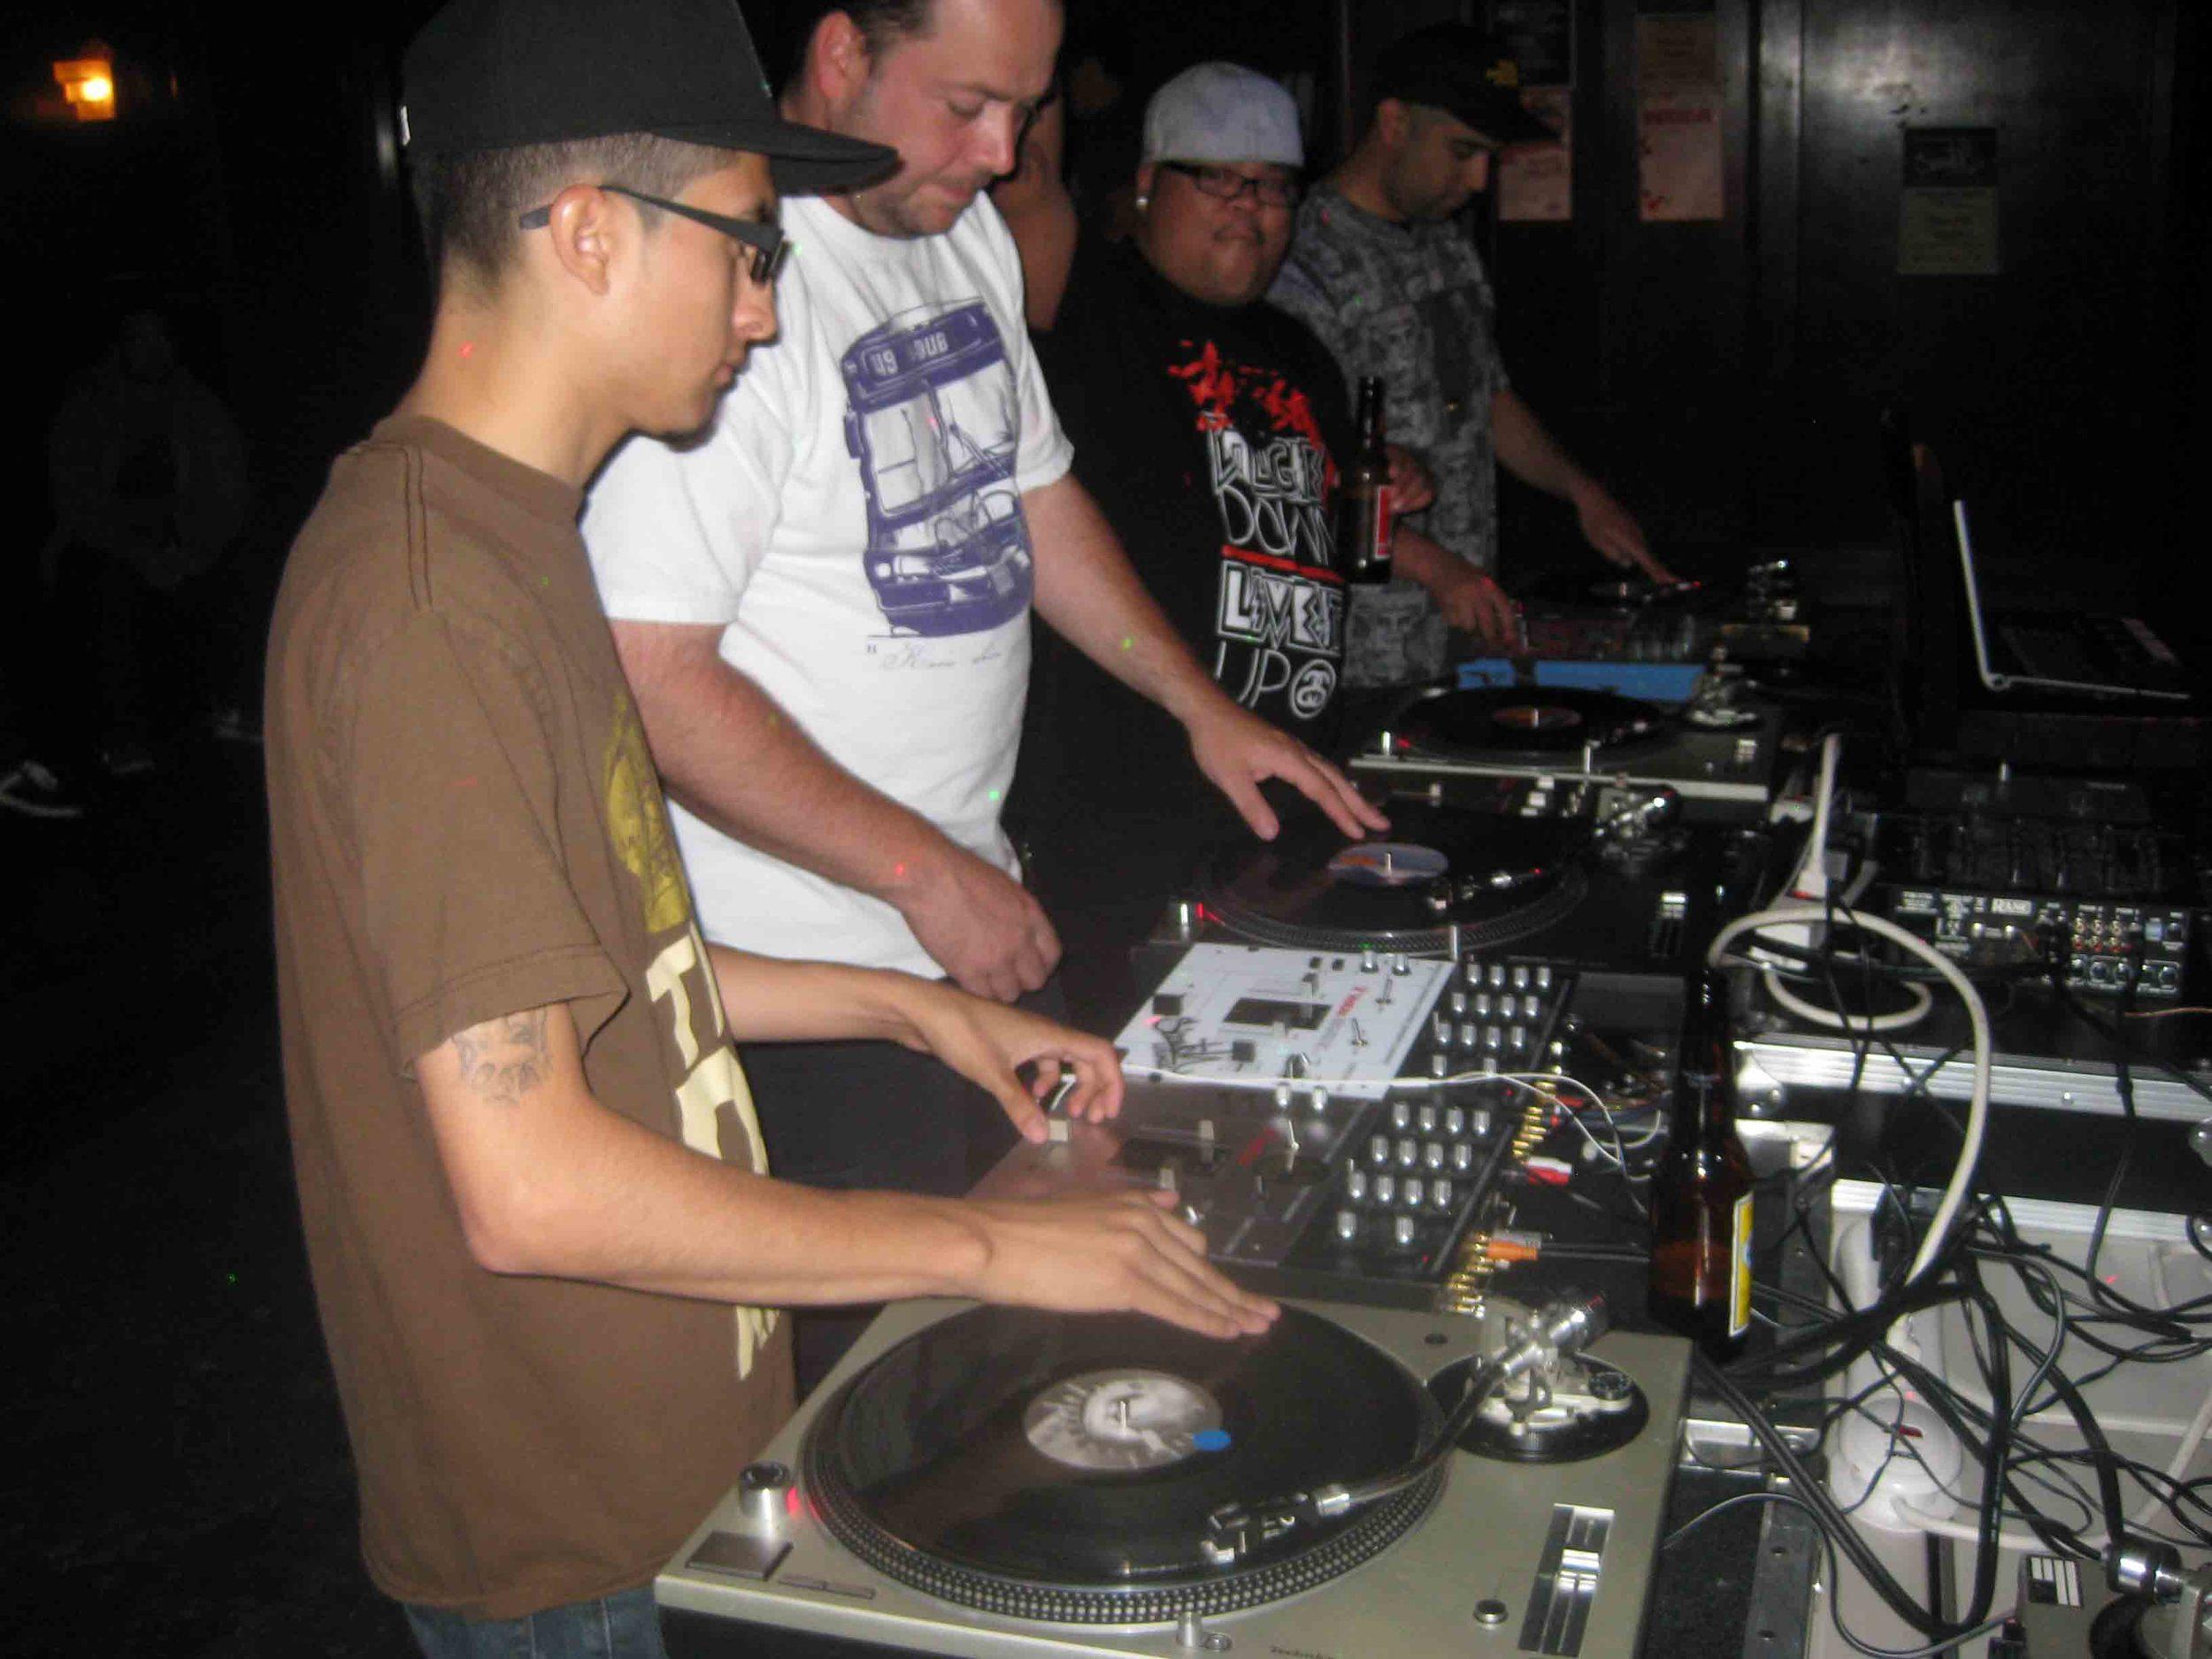 2011_08_04_SkratchLounge-DJ Image (01).jpg